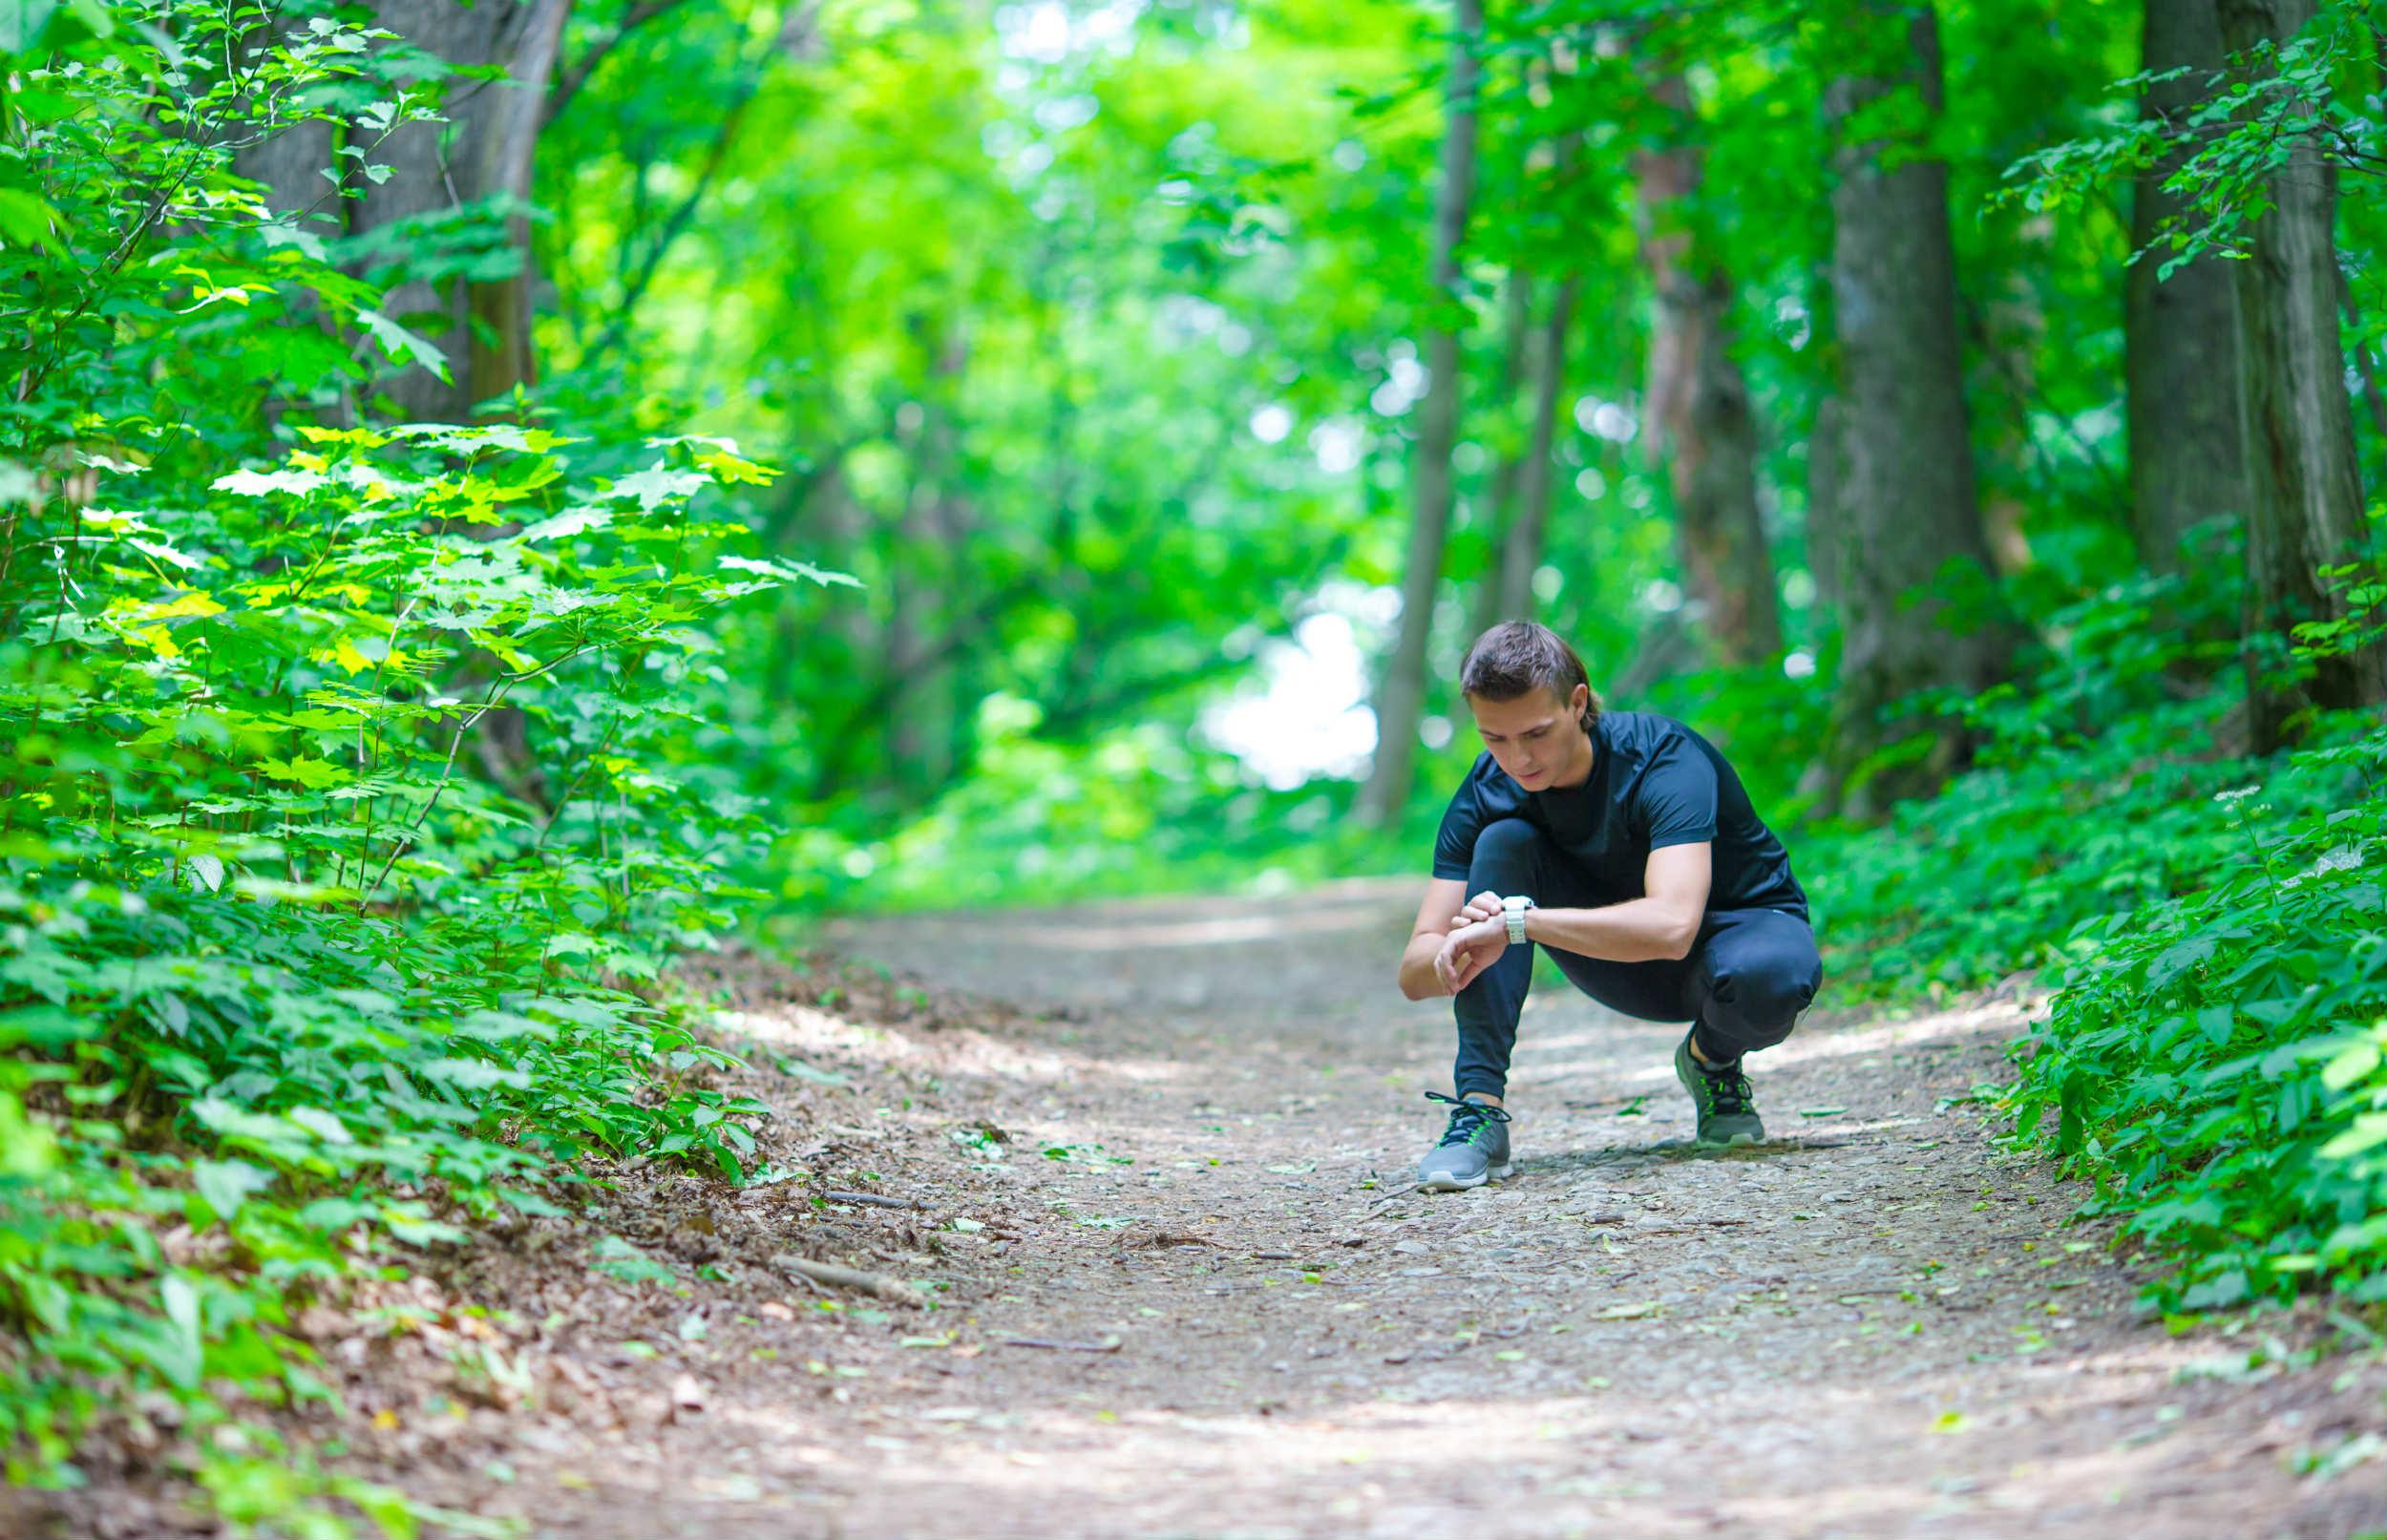 Danskerne dyrker idræt i naturen som aldrig før